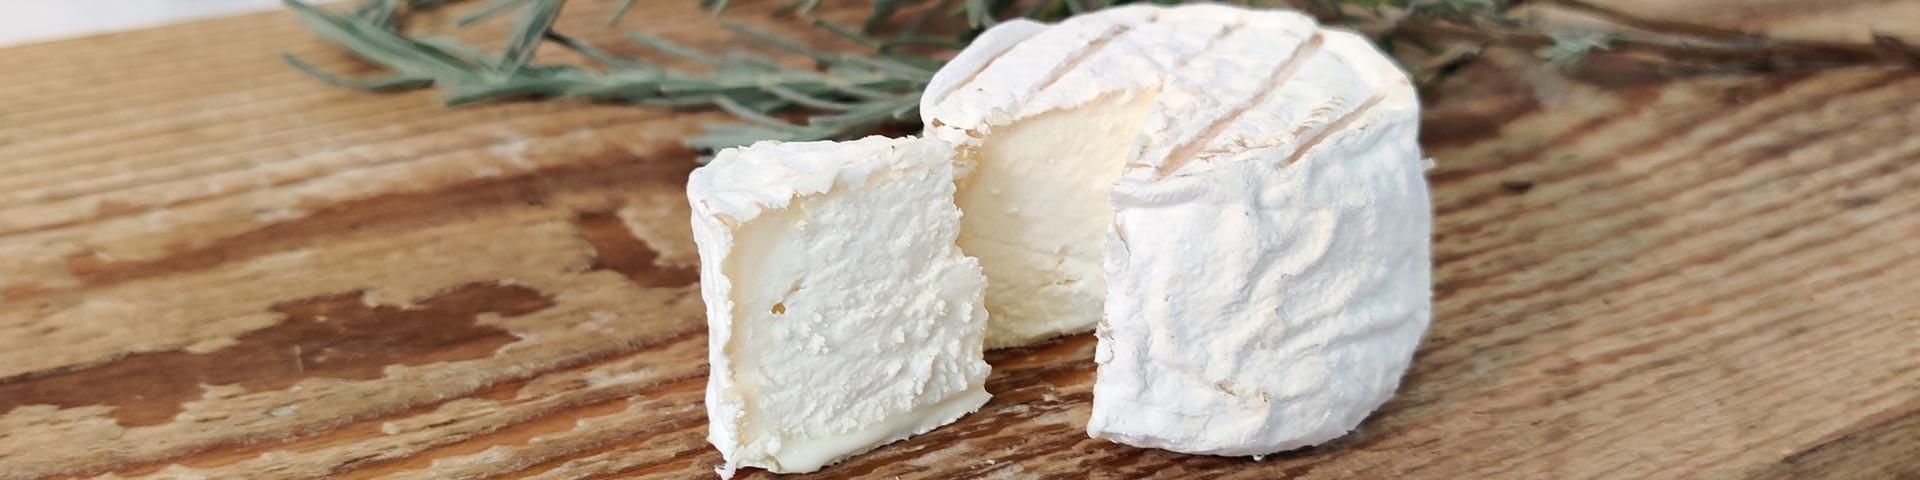 Les fromages de Savoie au lait de brebis